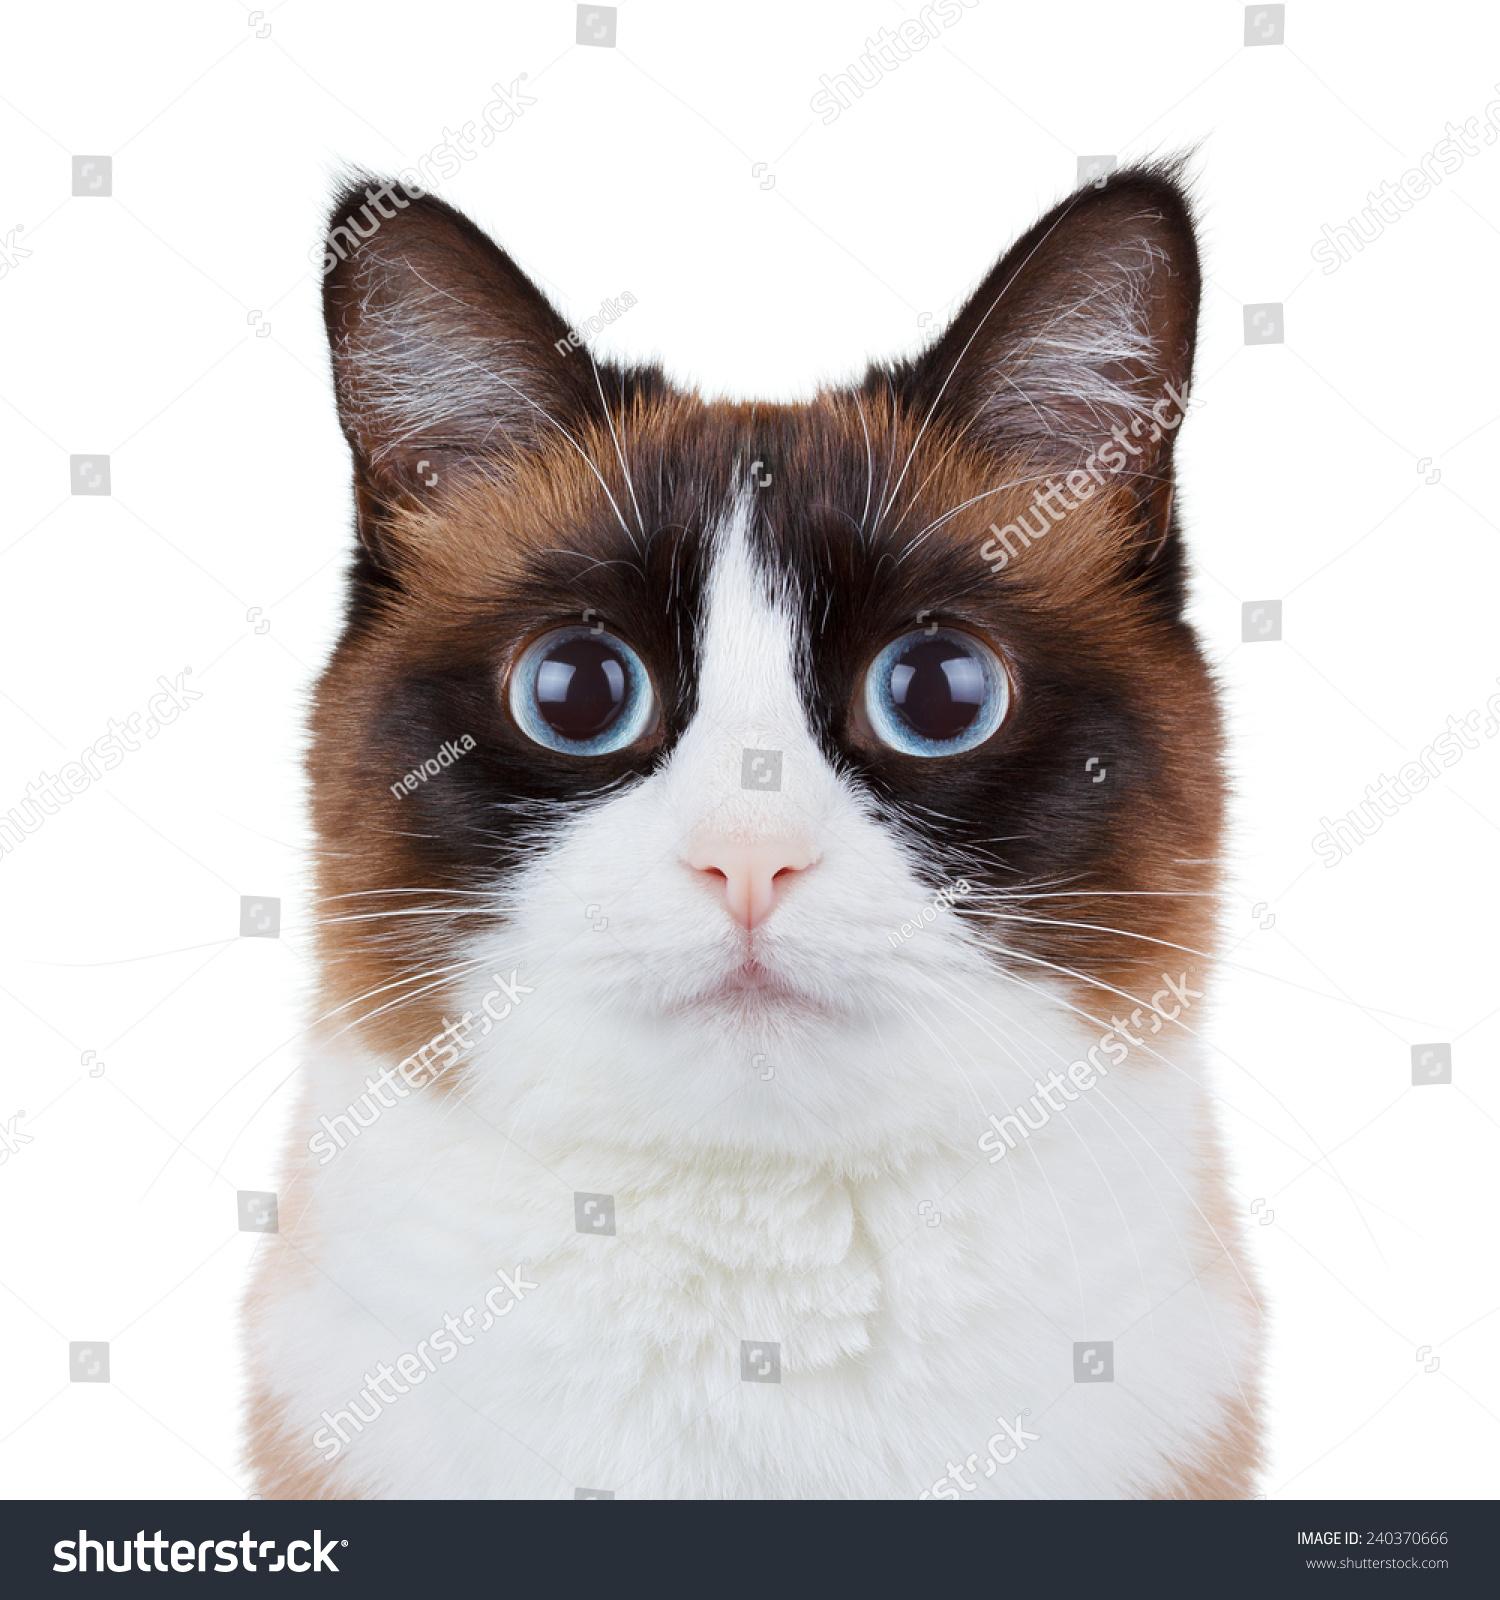 猫在镜头特写肖像-动物/野生生物,物体-海洛创意()-合